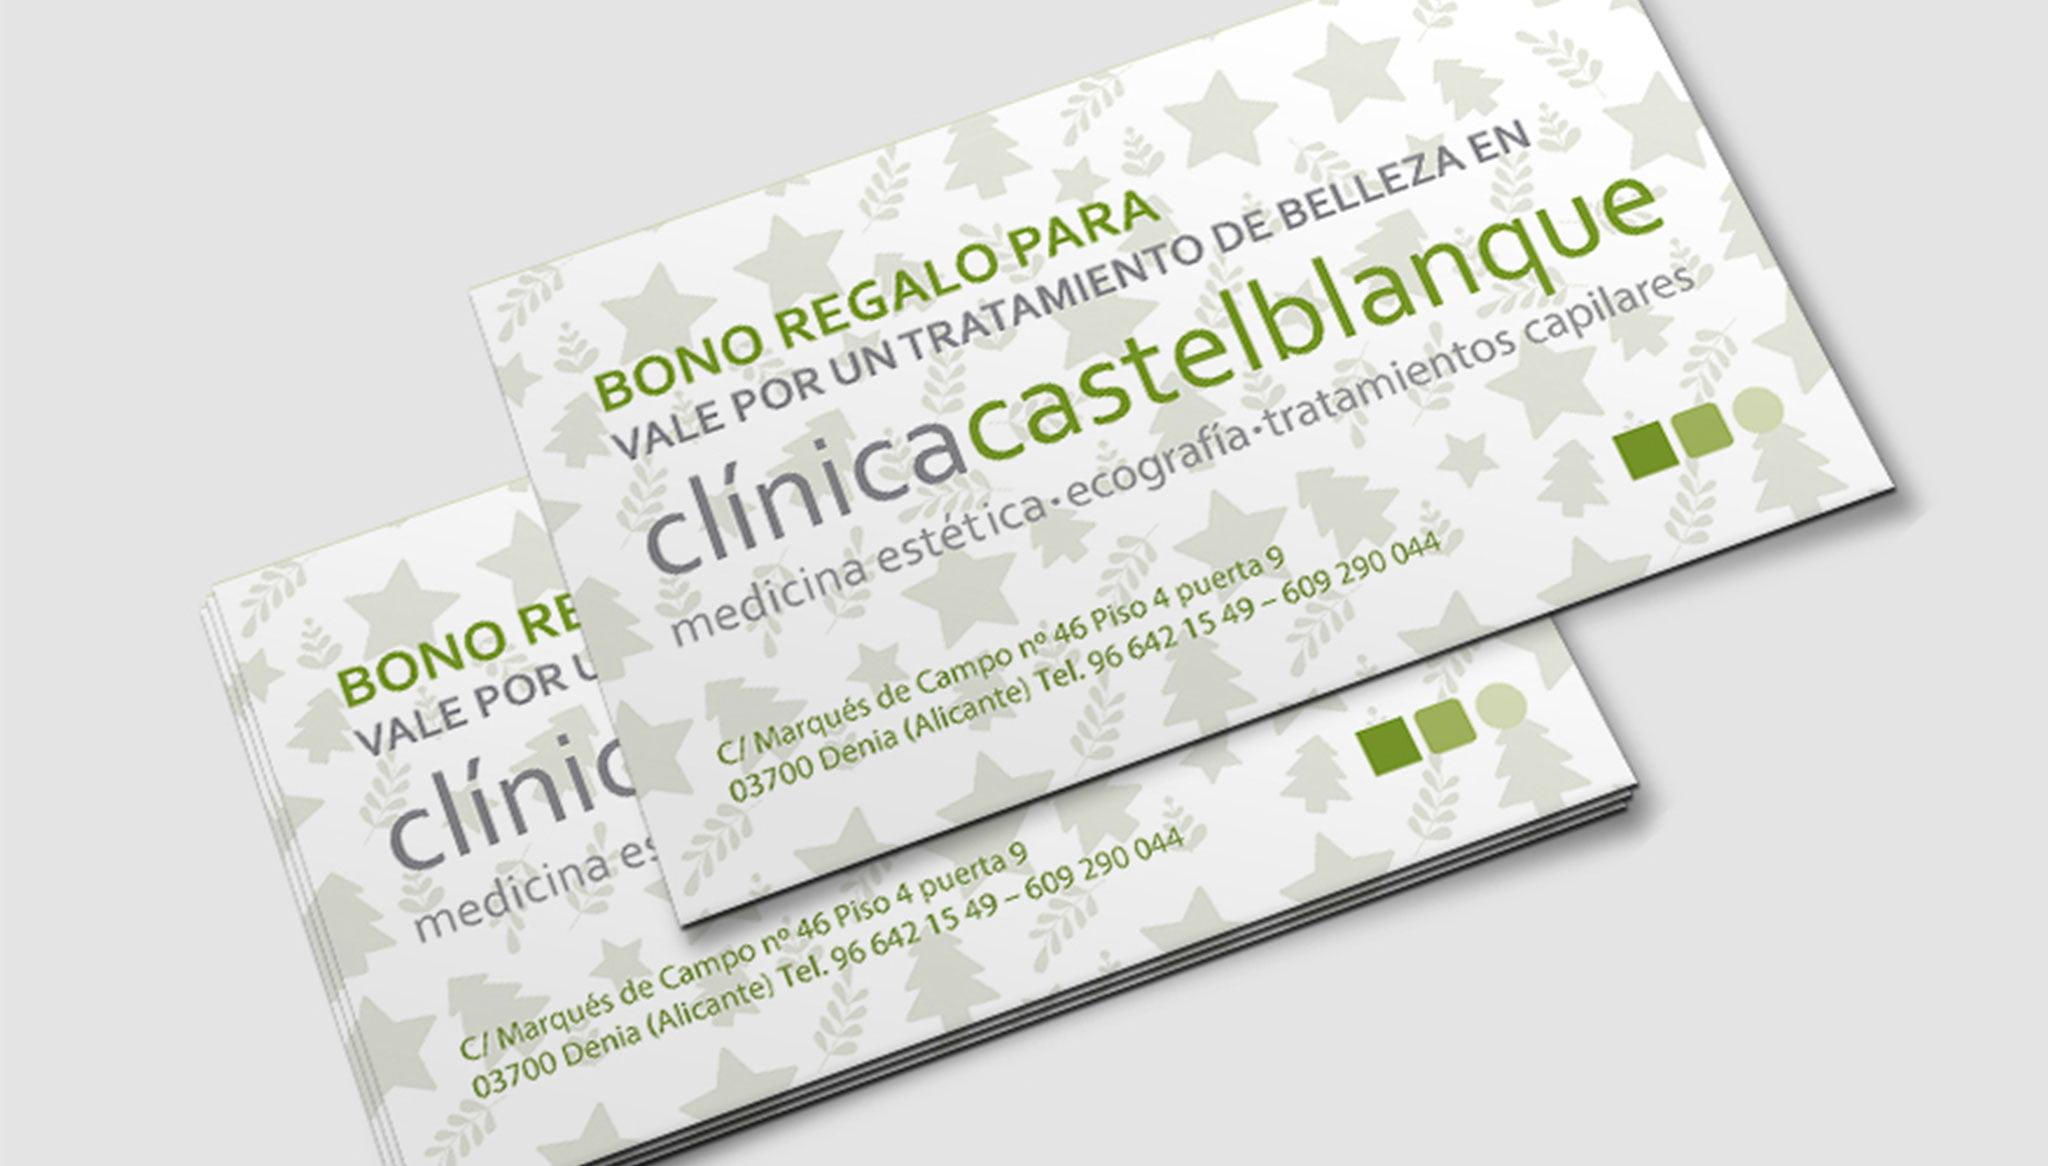 Эстетическая клиника подарочный сертификат Castelblanque